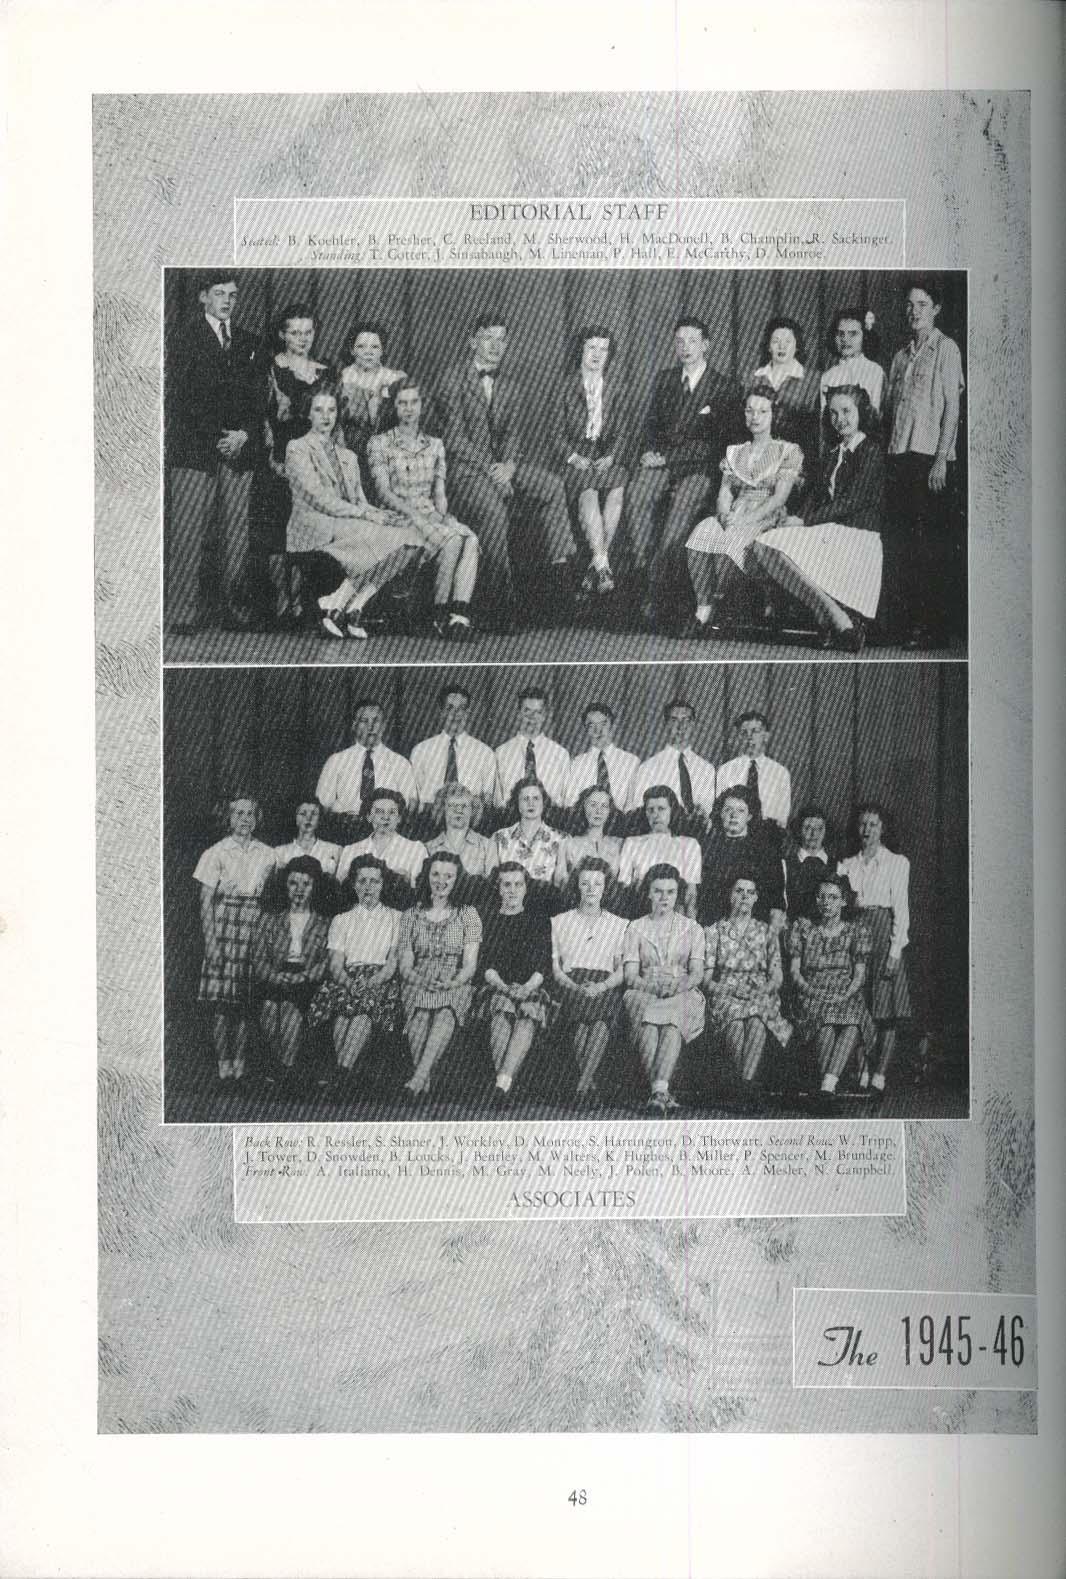 Gusher Bolivar Central School Bolivar New York 1946 Yearbook